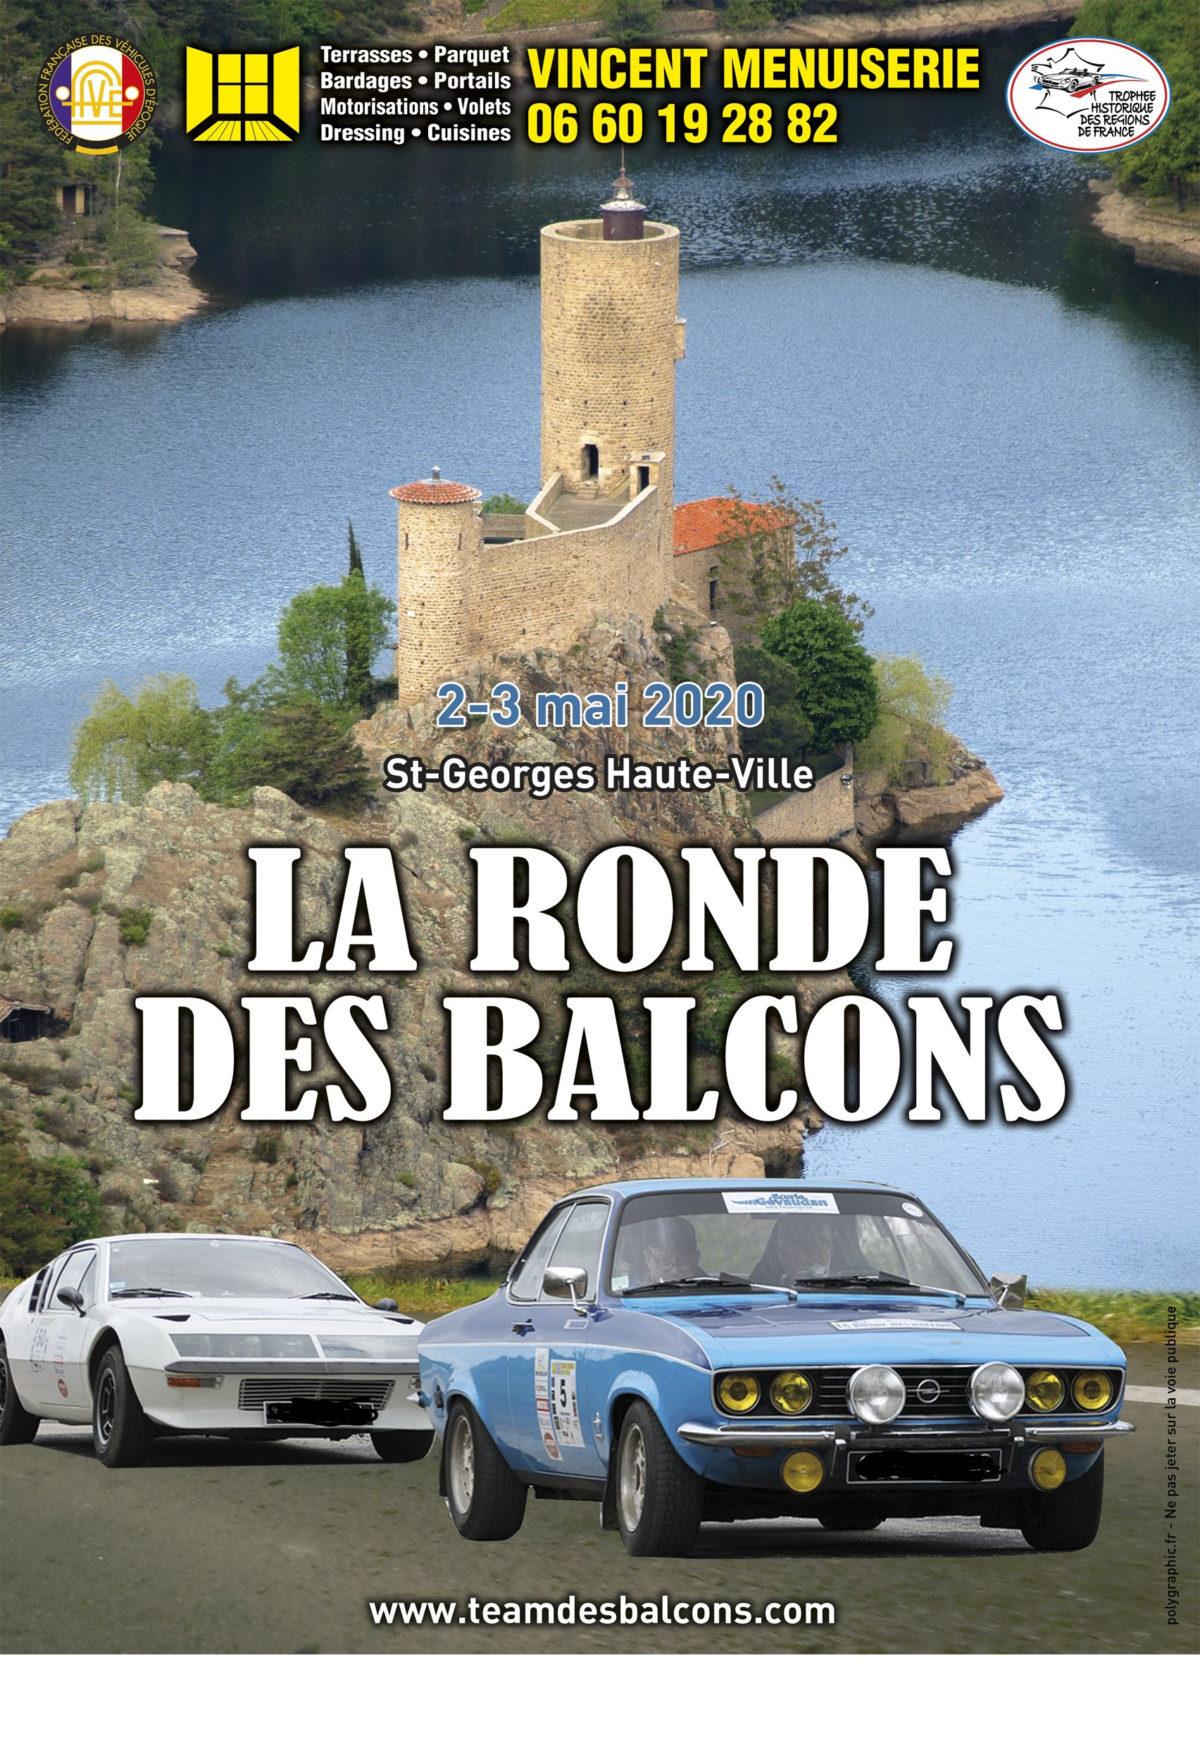 RONDE DES BALCONS 2020 – 2 et 3 mai – Saint Georges Haute Ville, Loire